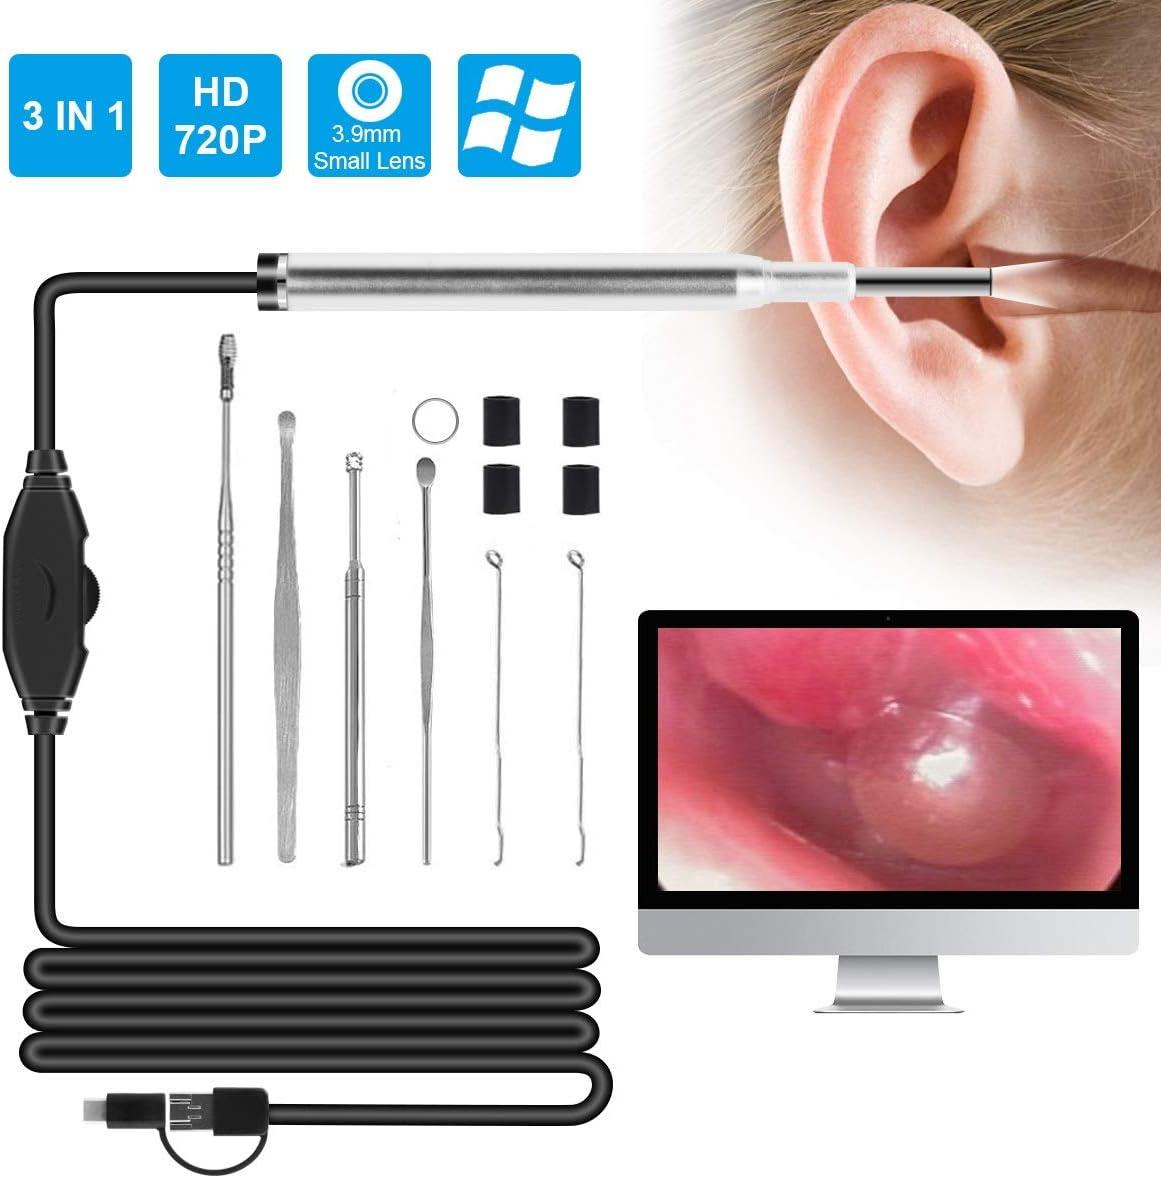 Ruiqas 720P HD Otoscopio con Lente de 3,9 mm USB de Carga 6 LED de Limpieza de oídos endoscopio cámara Visual Herramienta de selección de Oreja cámara de inspección boroscopio